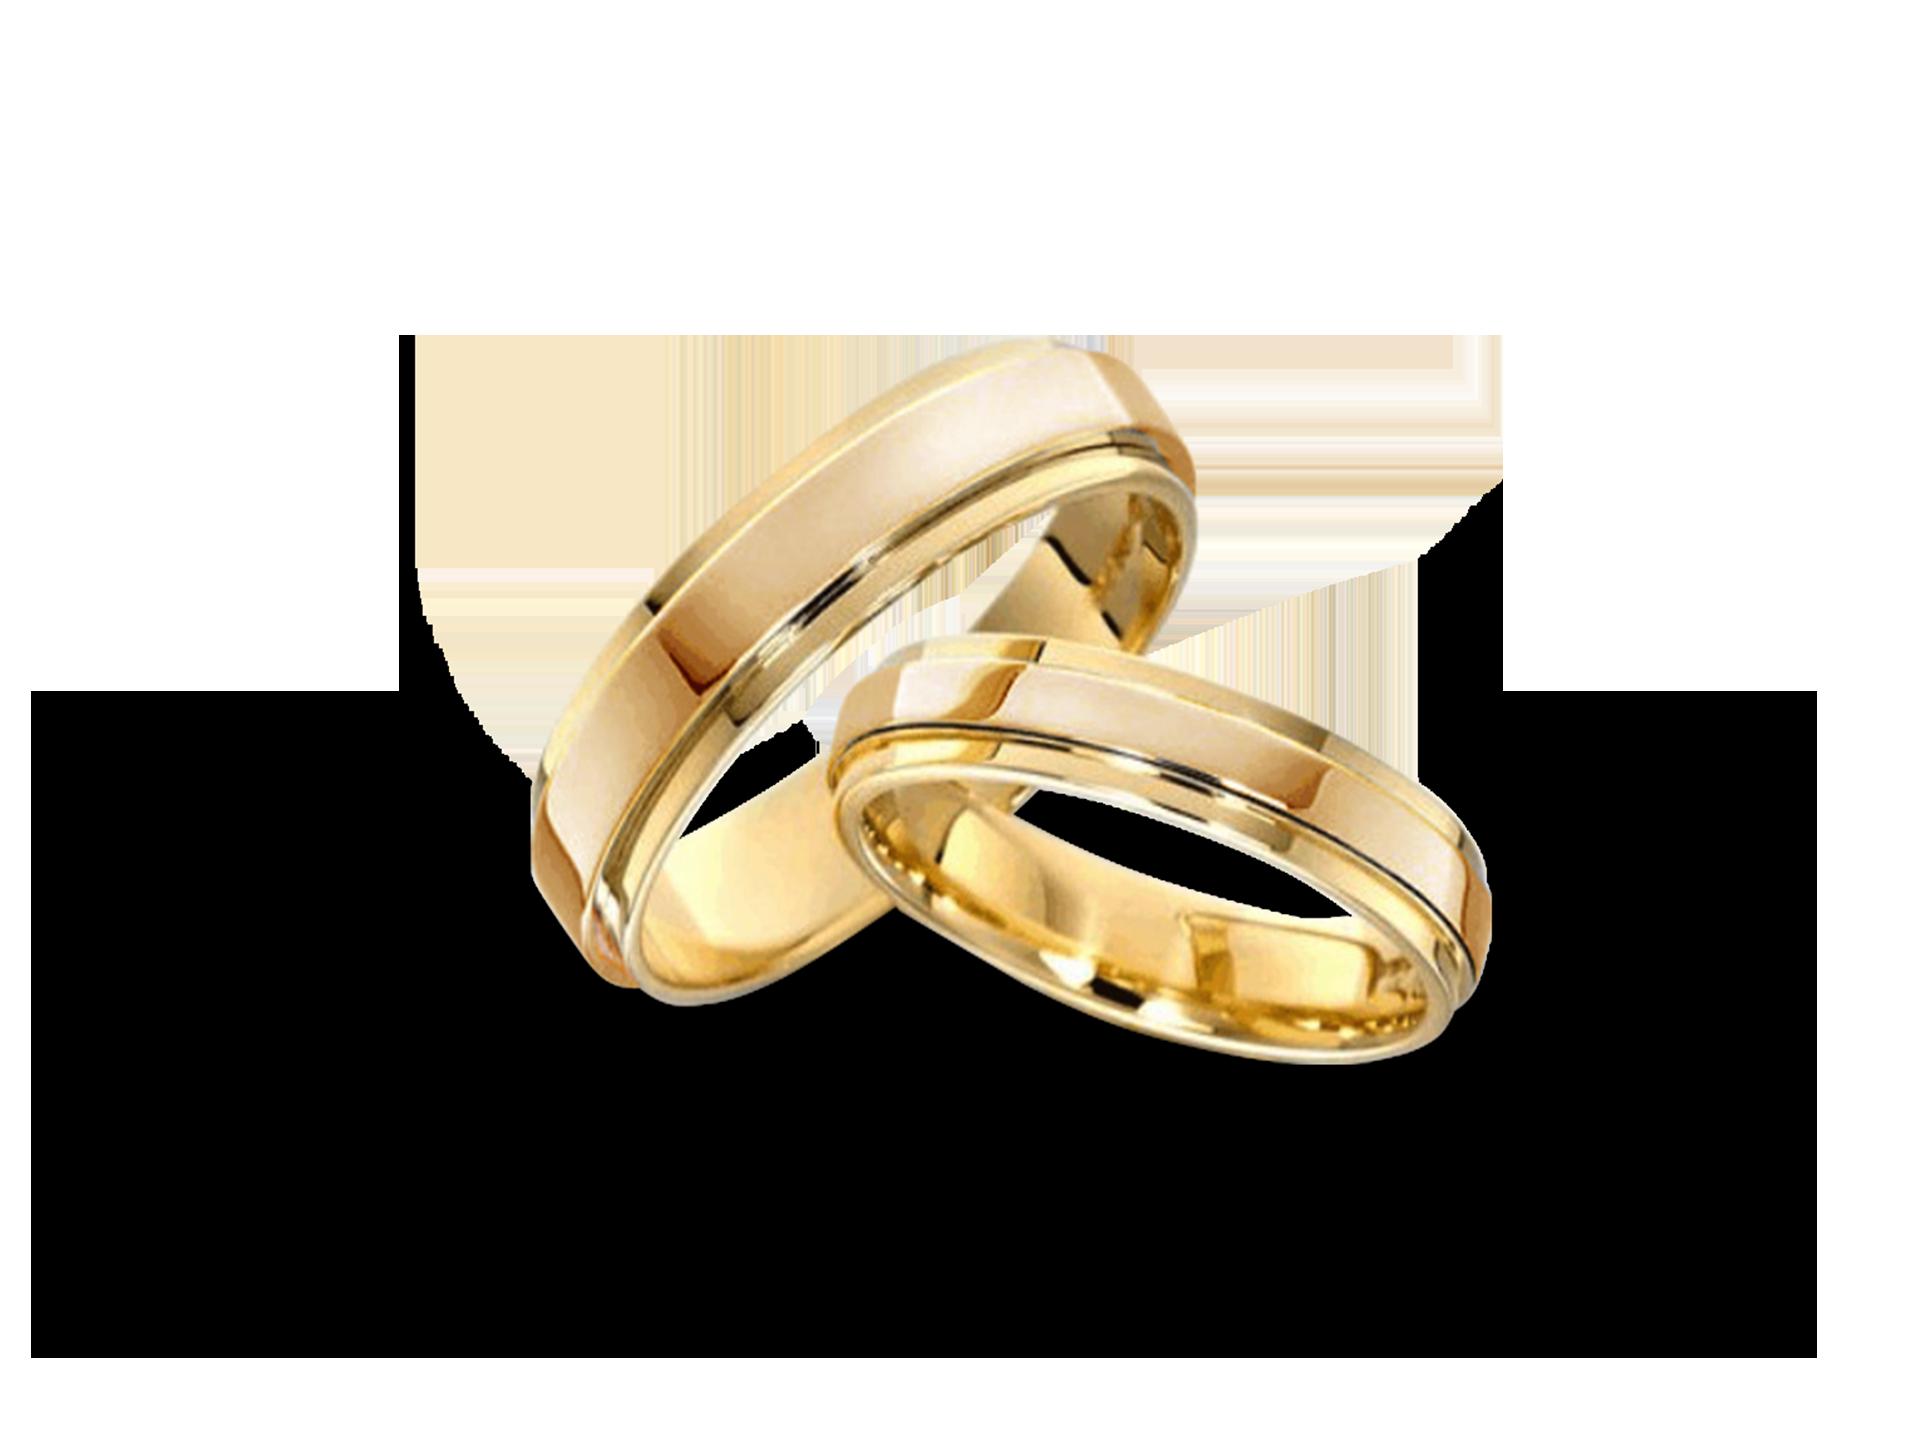 Aros de Matrimonio : Aros de Matrimonio LJAU81.